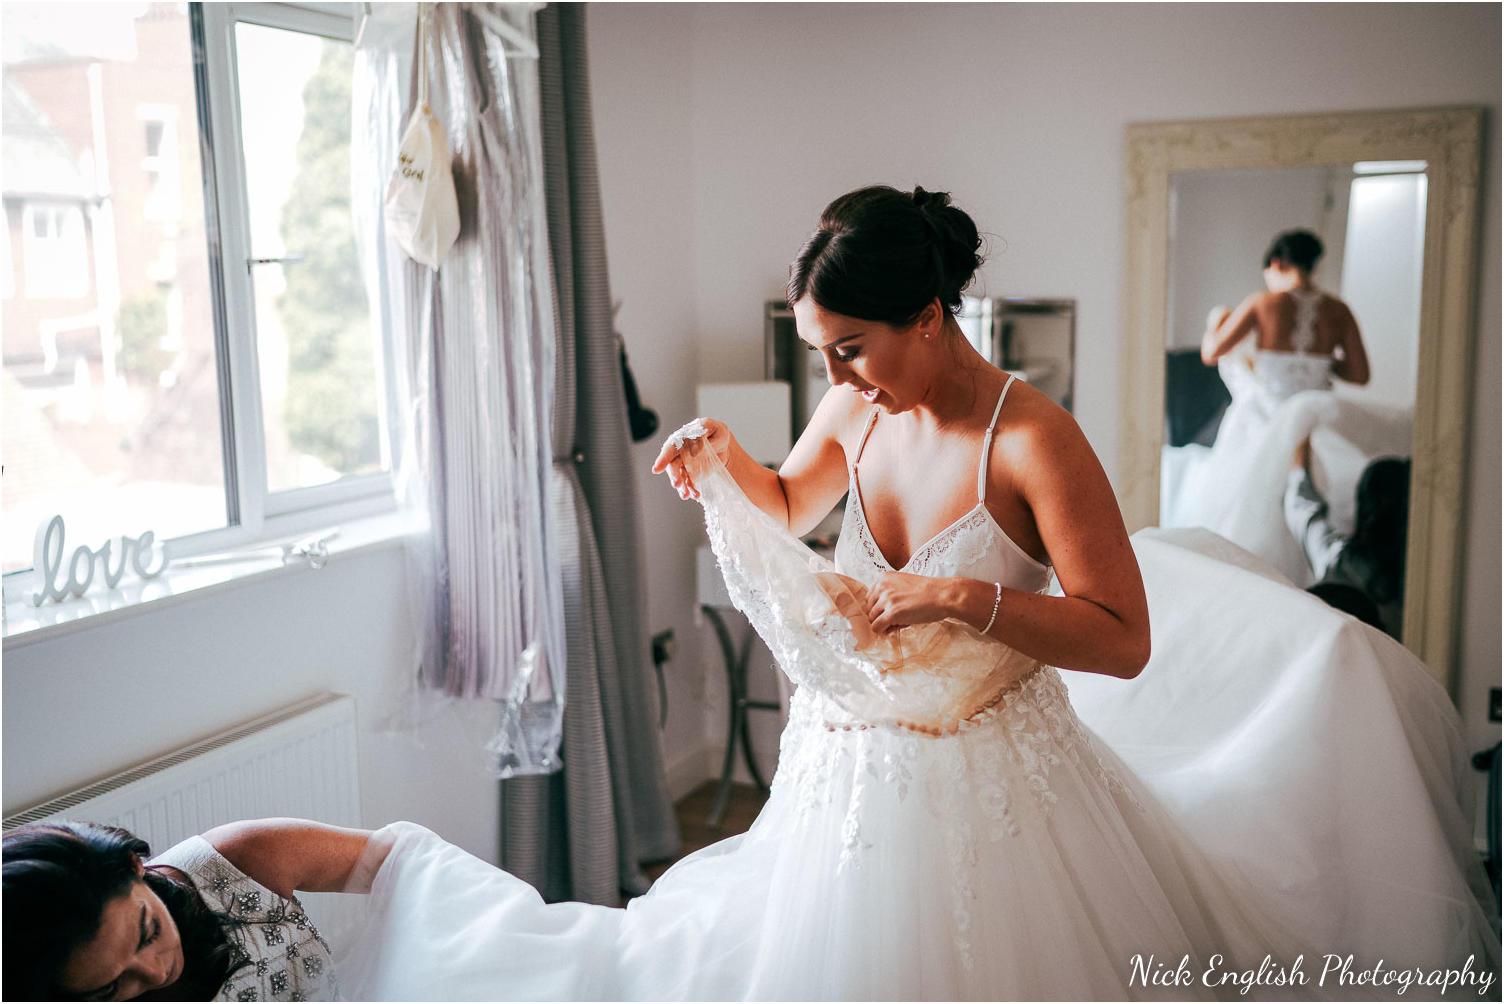 Browsholme_Hall_Barn_Wedding_Nick_English_Photography-14.jpg